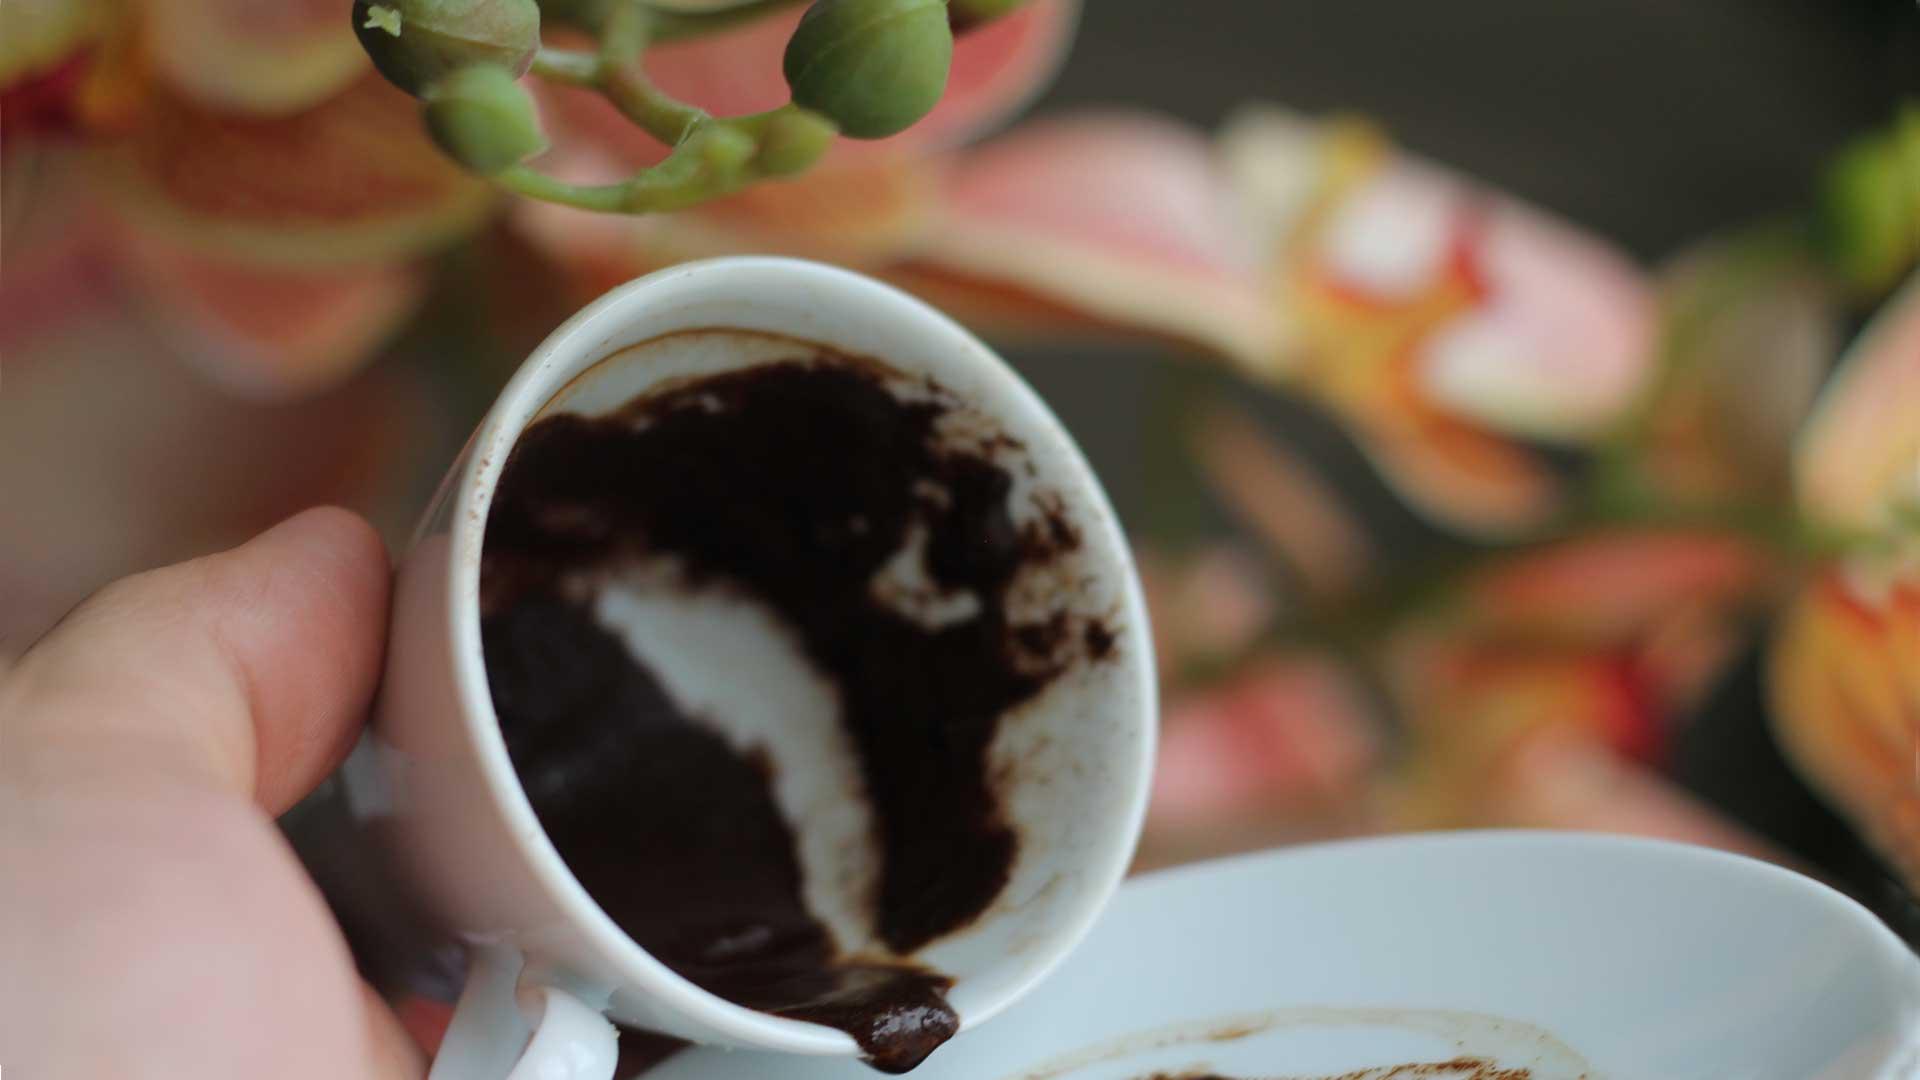 Kahve Falında Yol Görmek Ne Anlama Gelir??fit=thumb&w=418&h=152&q=80